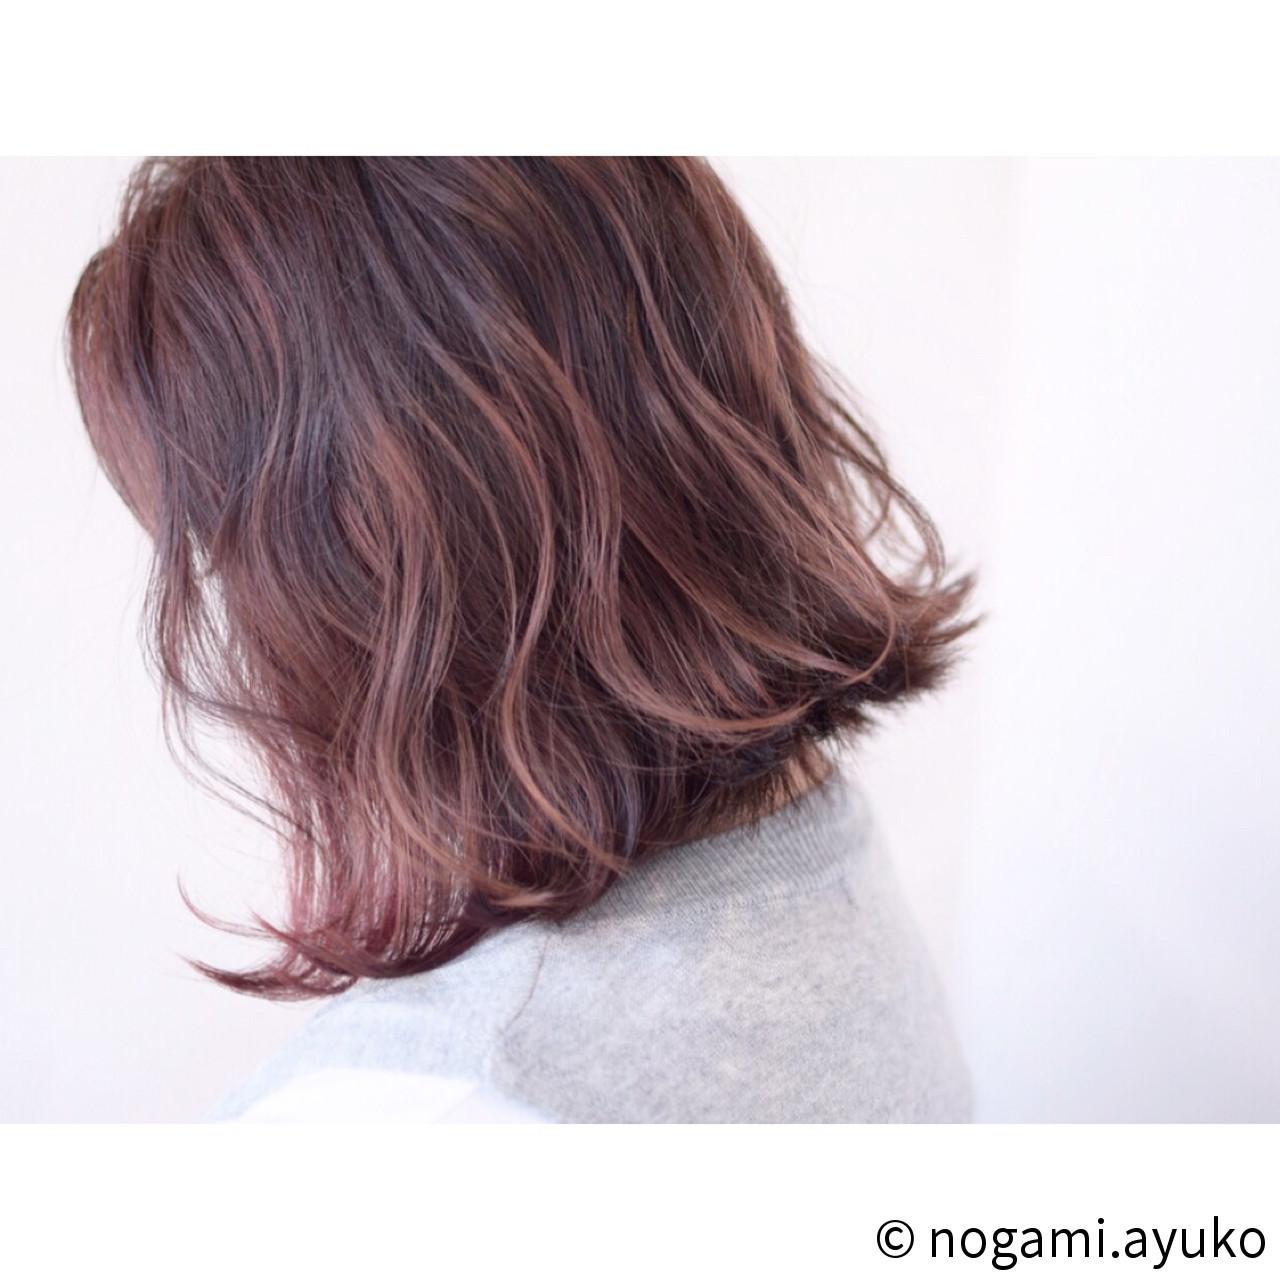 カラーバター 波ウェーブ ストリート ボブ ヘアスタイルや髪型の写真・画像